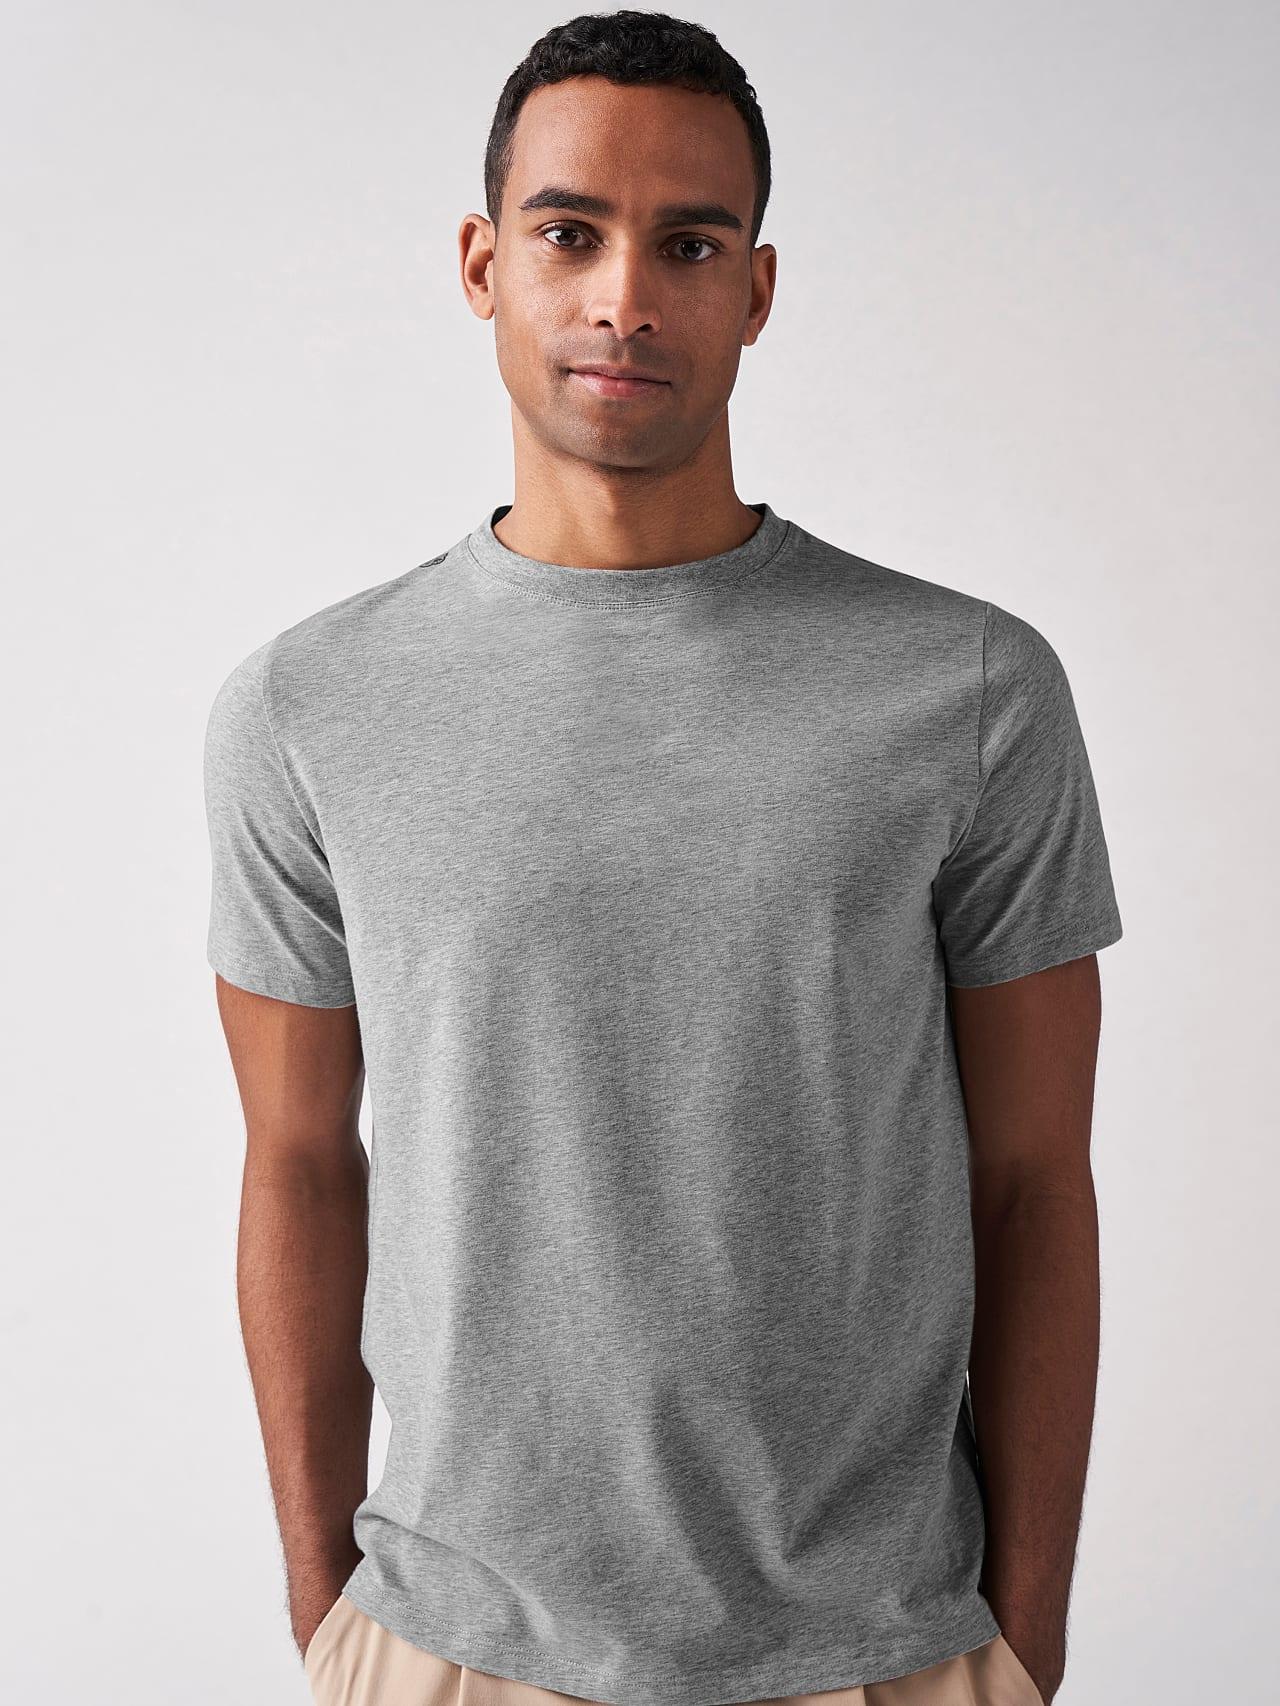 JALIP V1.Y5.01 Cotton Crew-Neck T-Shirt grey / melange Front Alpha Tauri